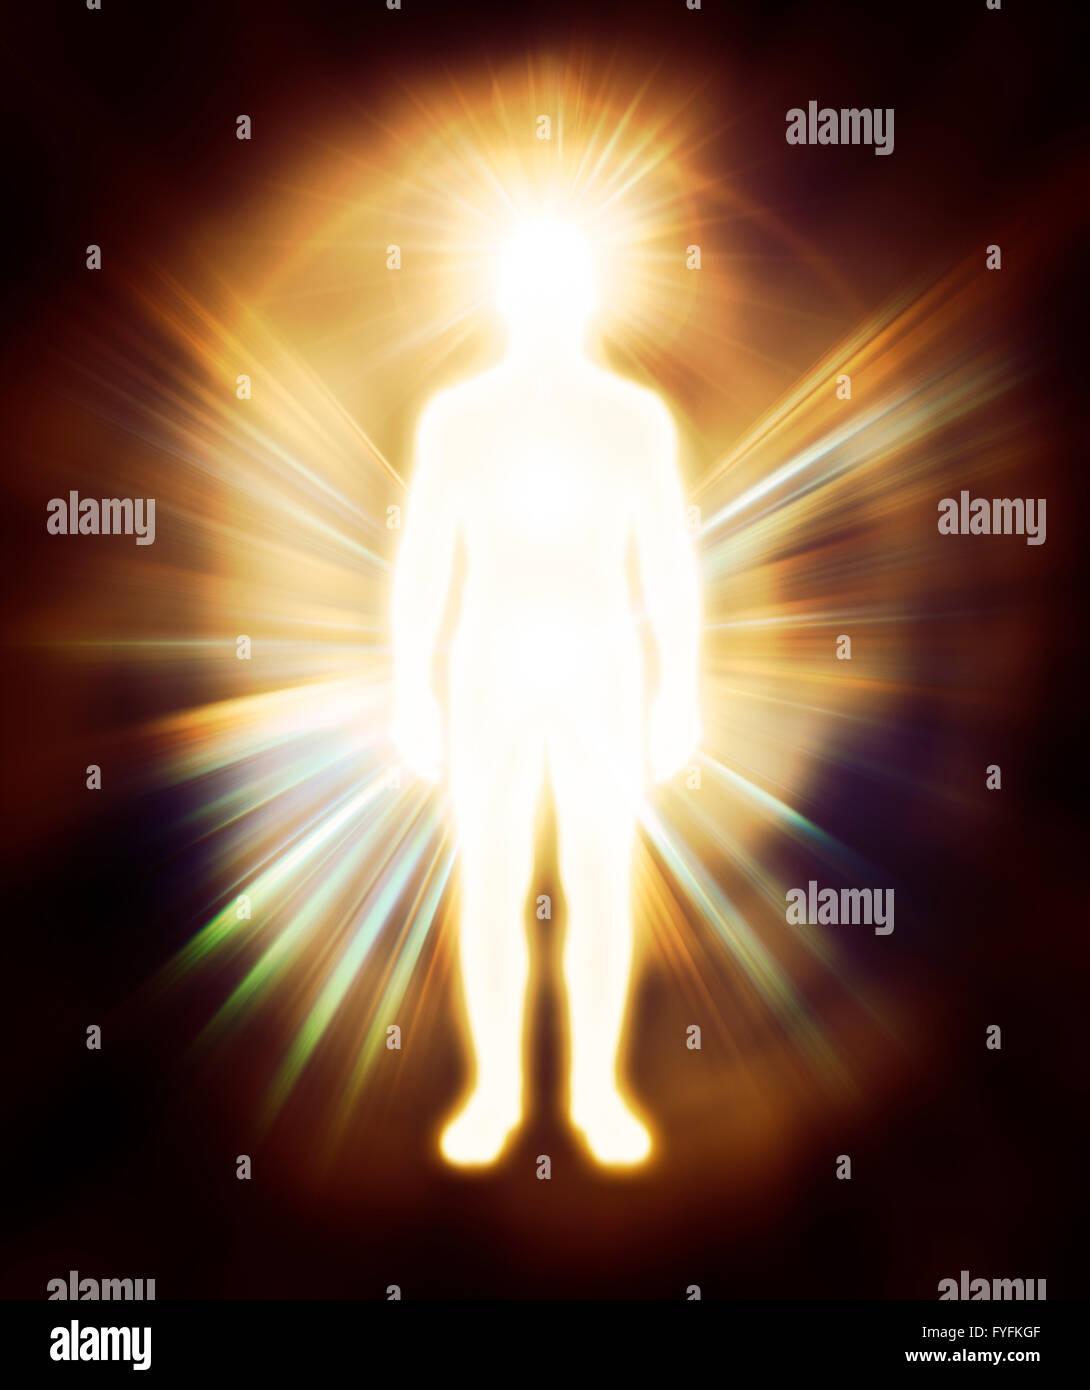 Uomo che emettono raggi di luce incandescente, aura Immagini Stock